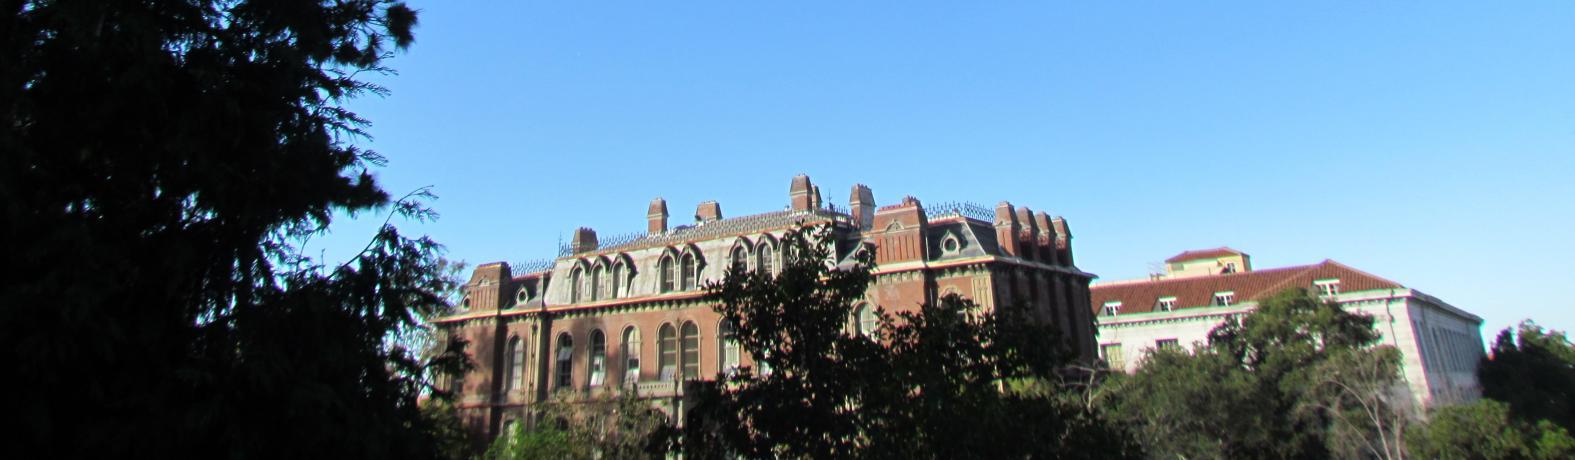 south_hall_blue_sky.jpg